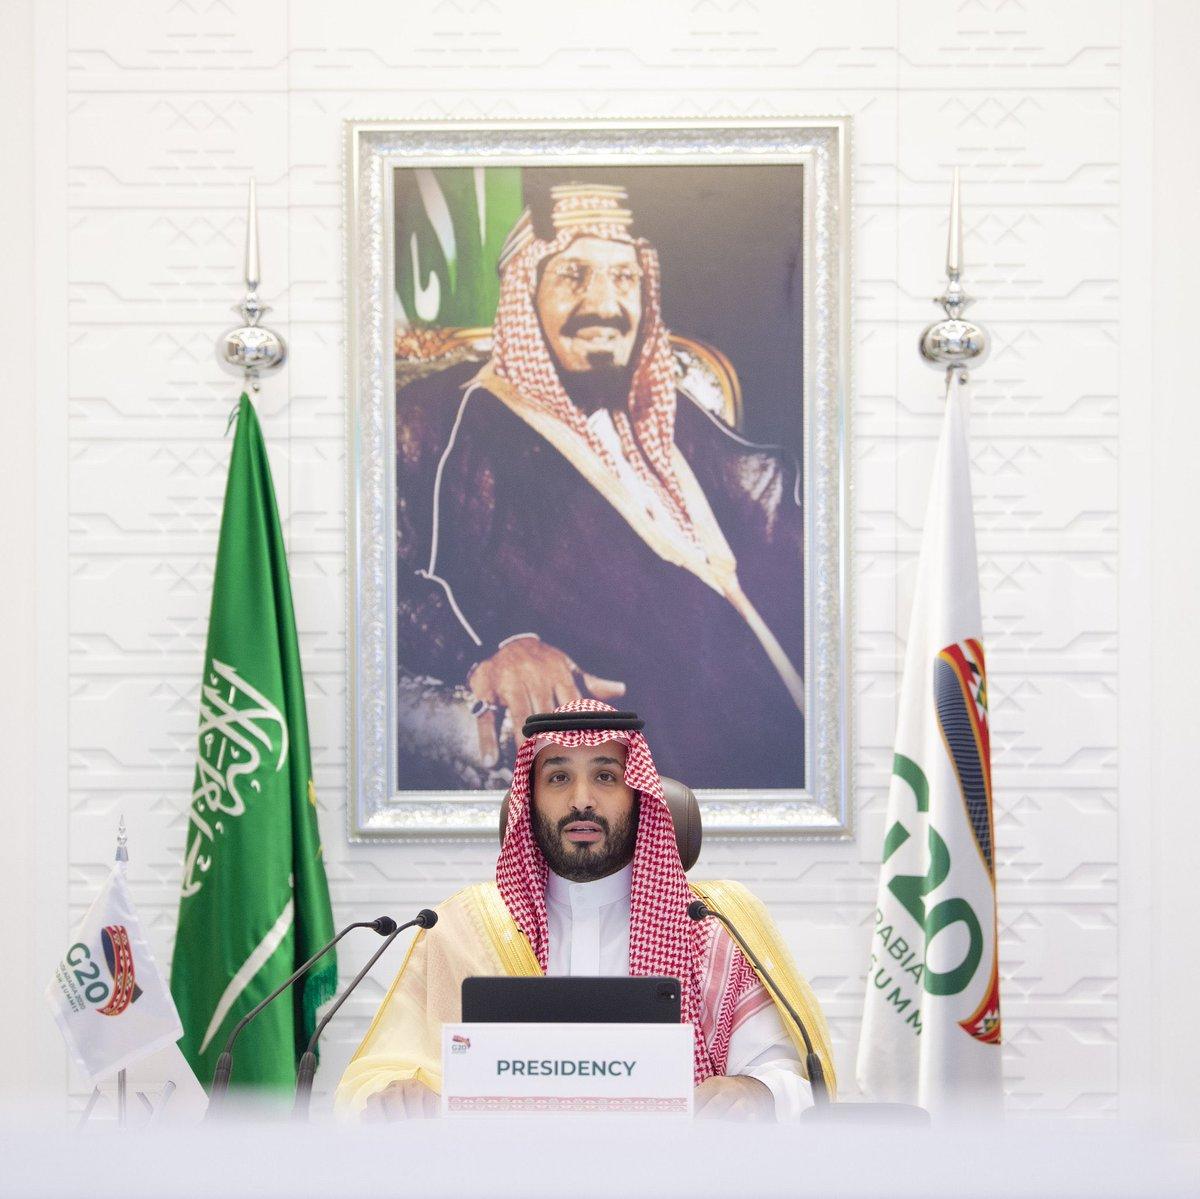 عاجل..  ولي العهد الأمير محمد بن سلمان:  السعودية قدمت 500 مليون دولار لجهود إنتاج لقاح فيروس كورونا.   #كلمة_محمد_بن_سلمان_G20